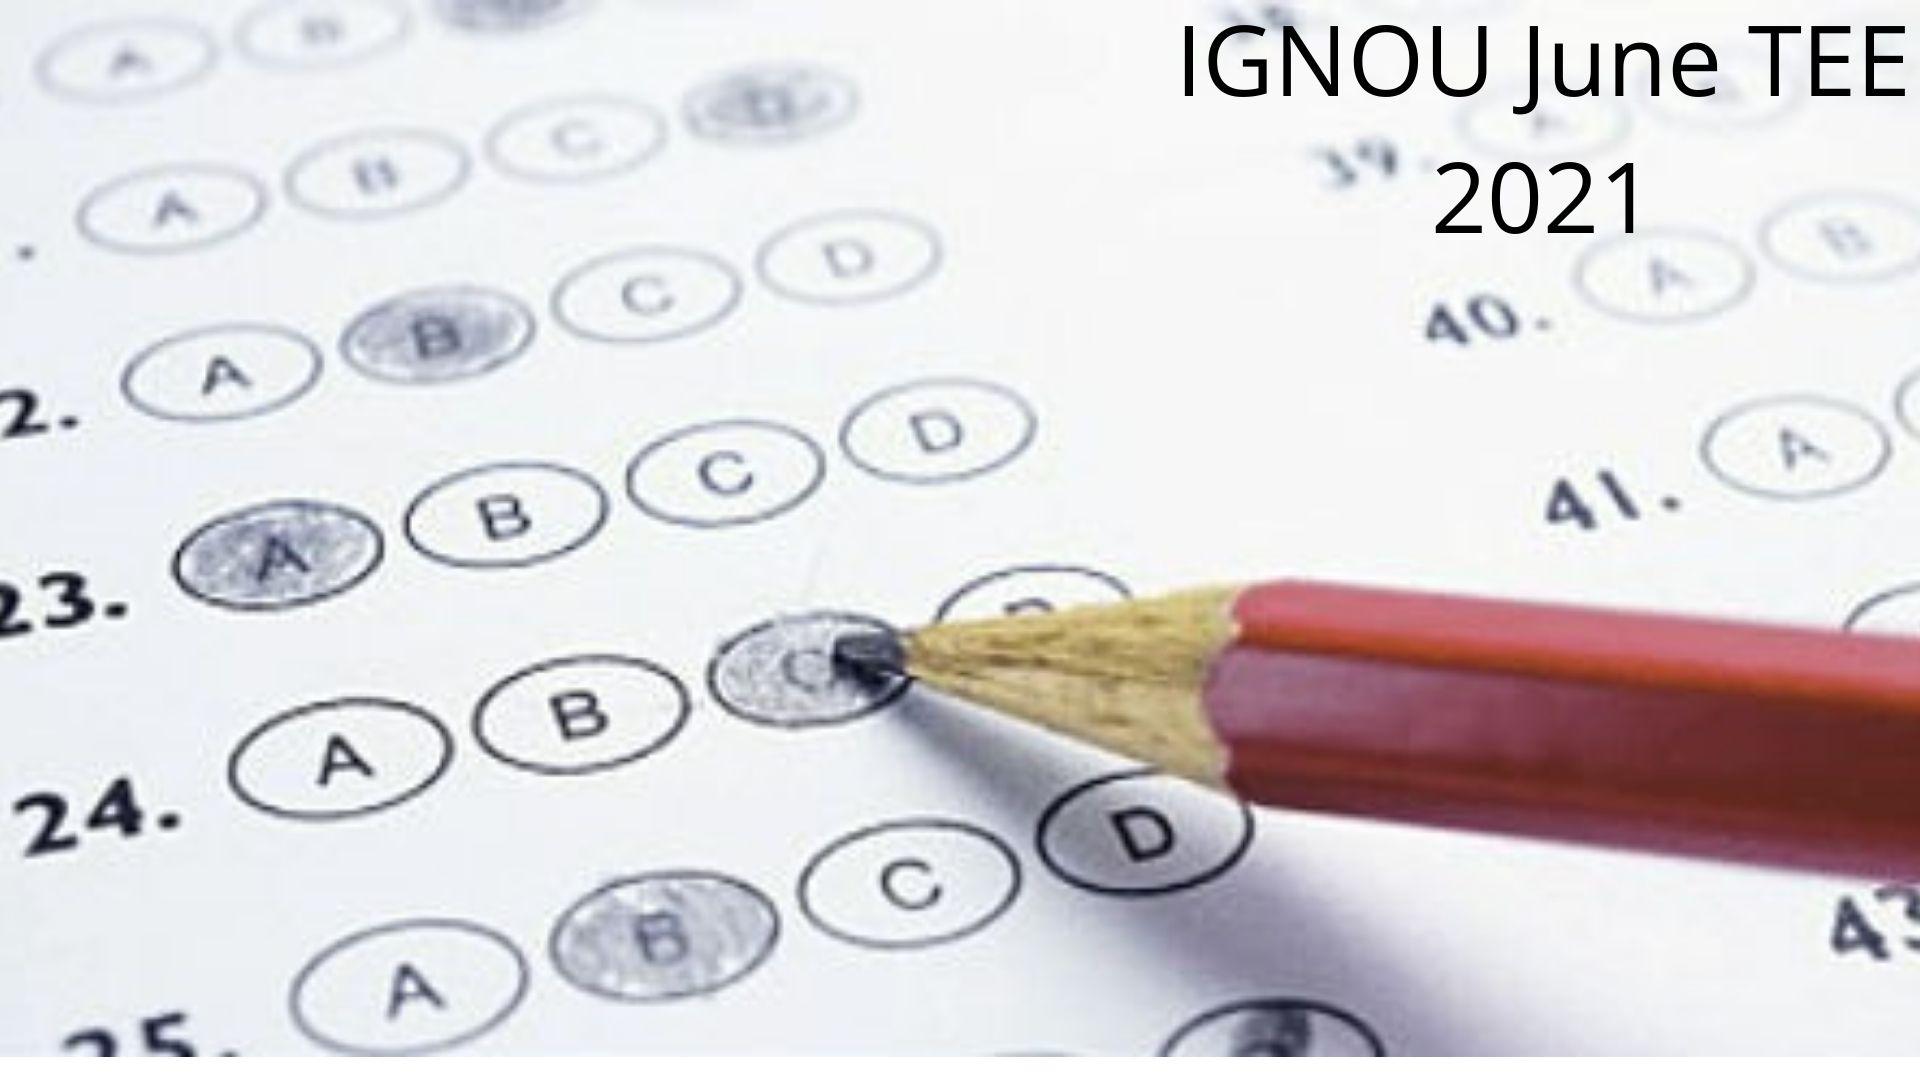 IGNOU June TEE 2021